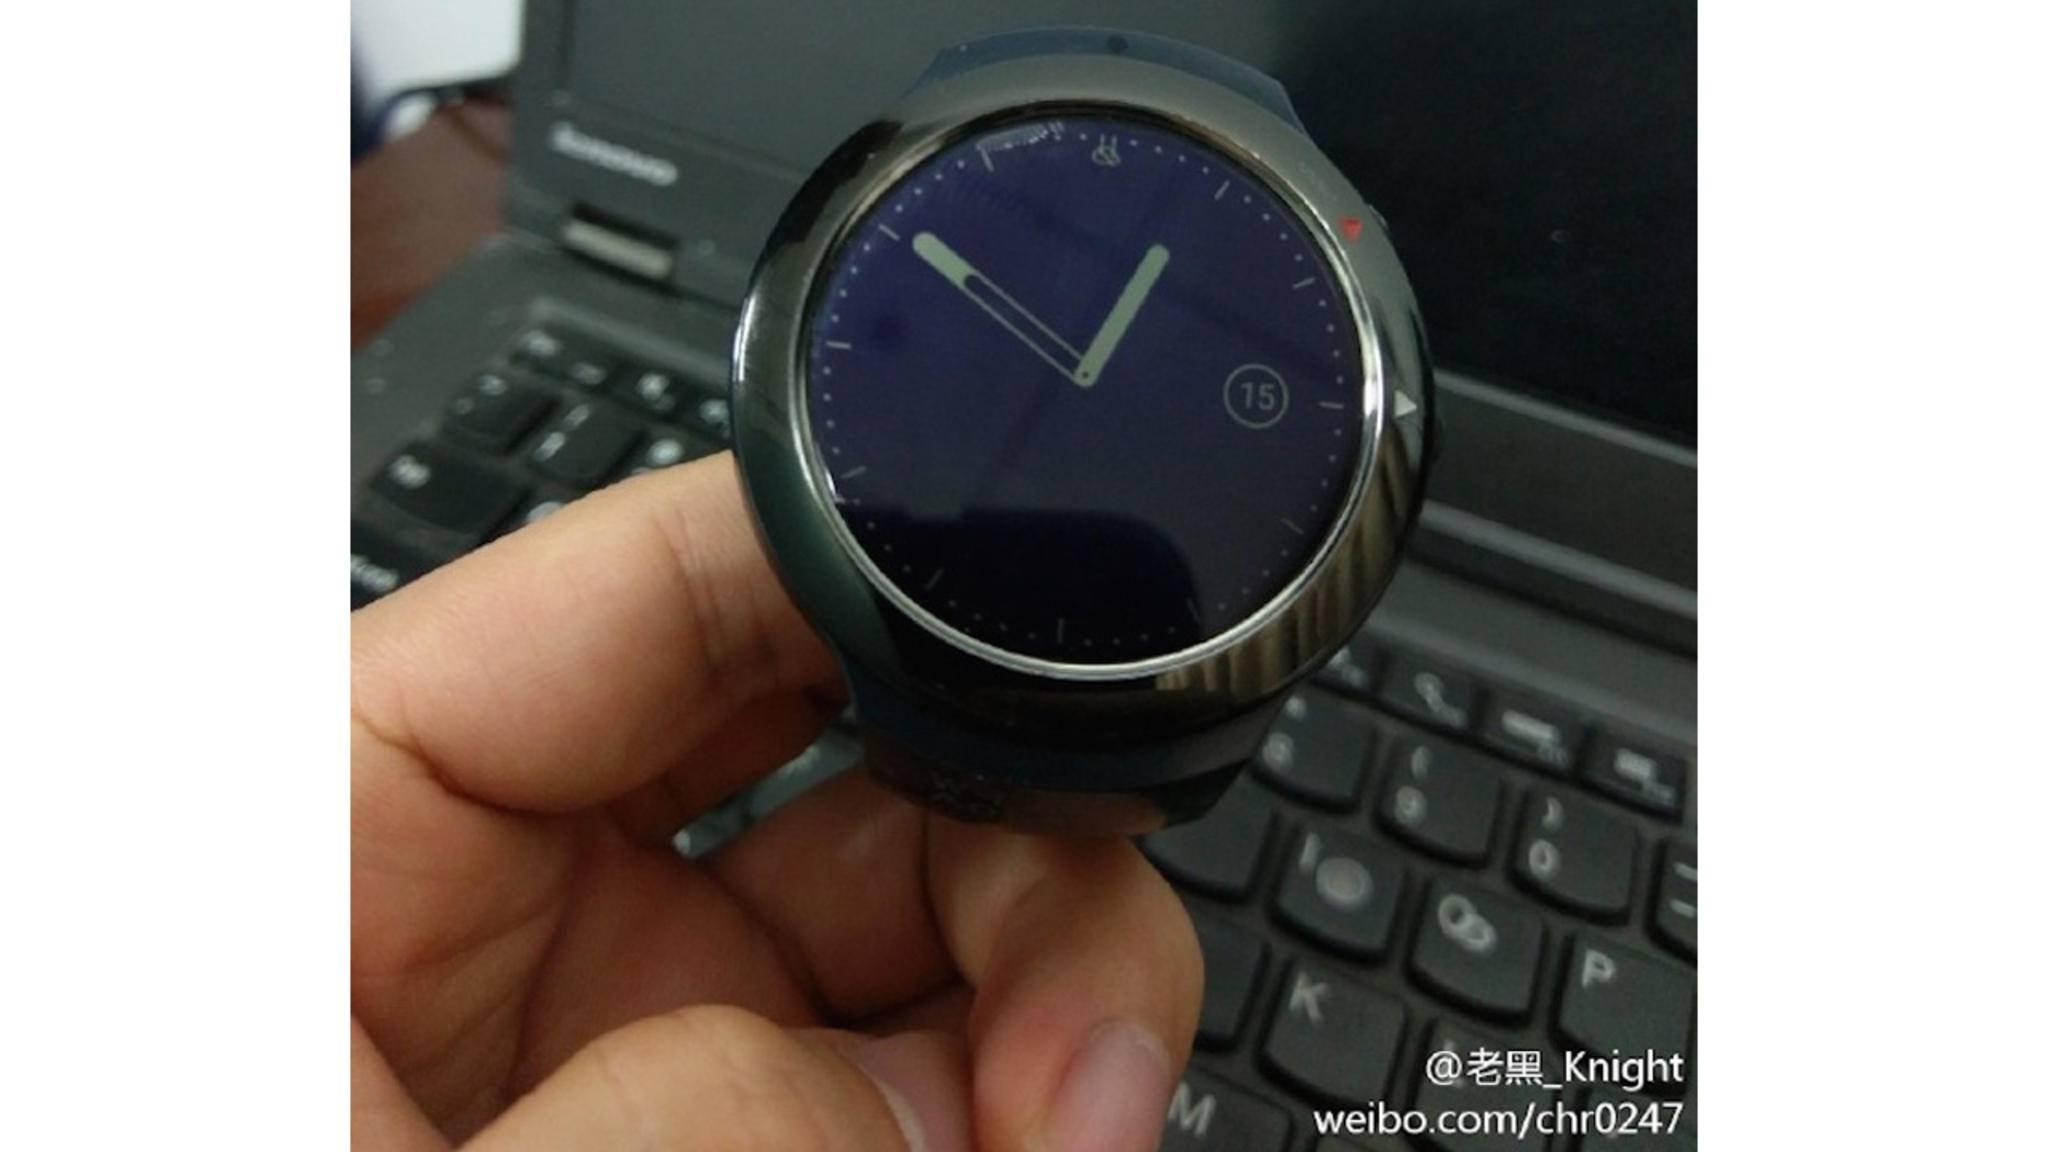 Wird aus der HTC Smartwatch doch noch etwas? Neue Leak-Bilder deuten darauf hin.